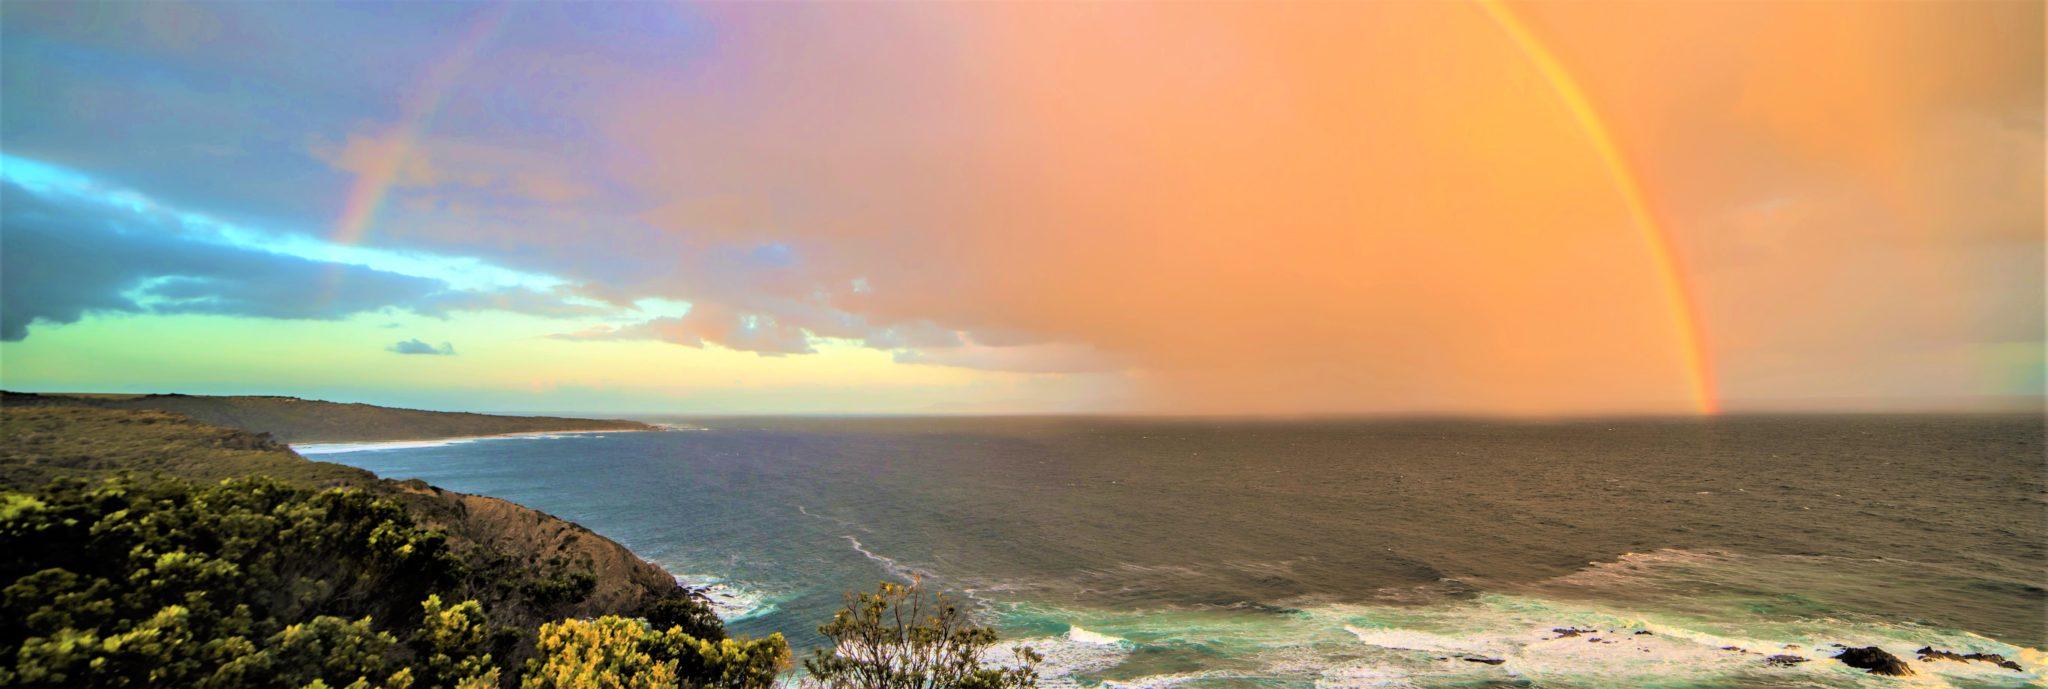 ocean-rainbow